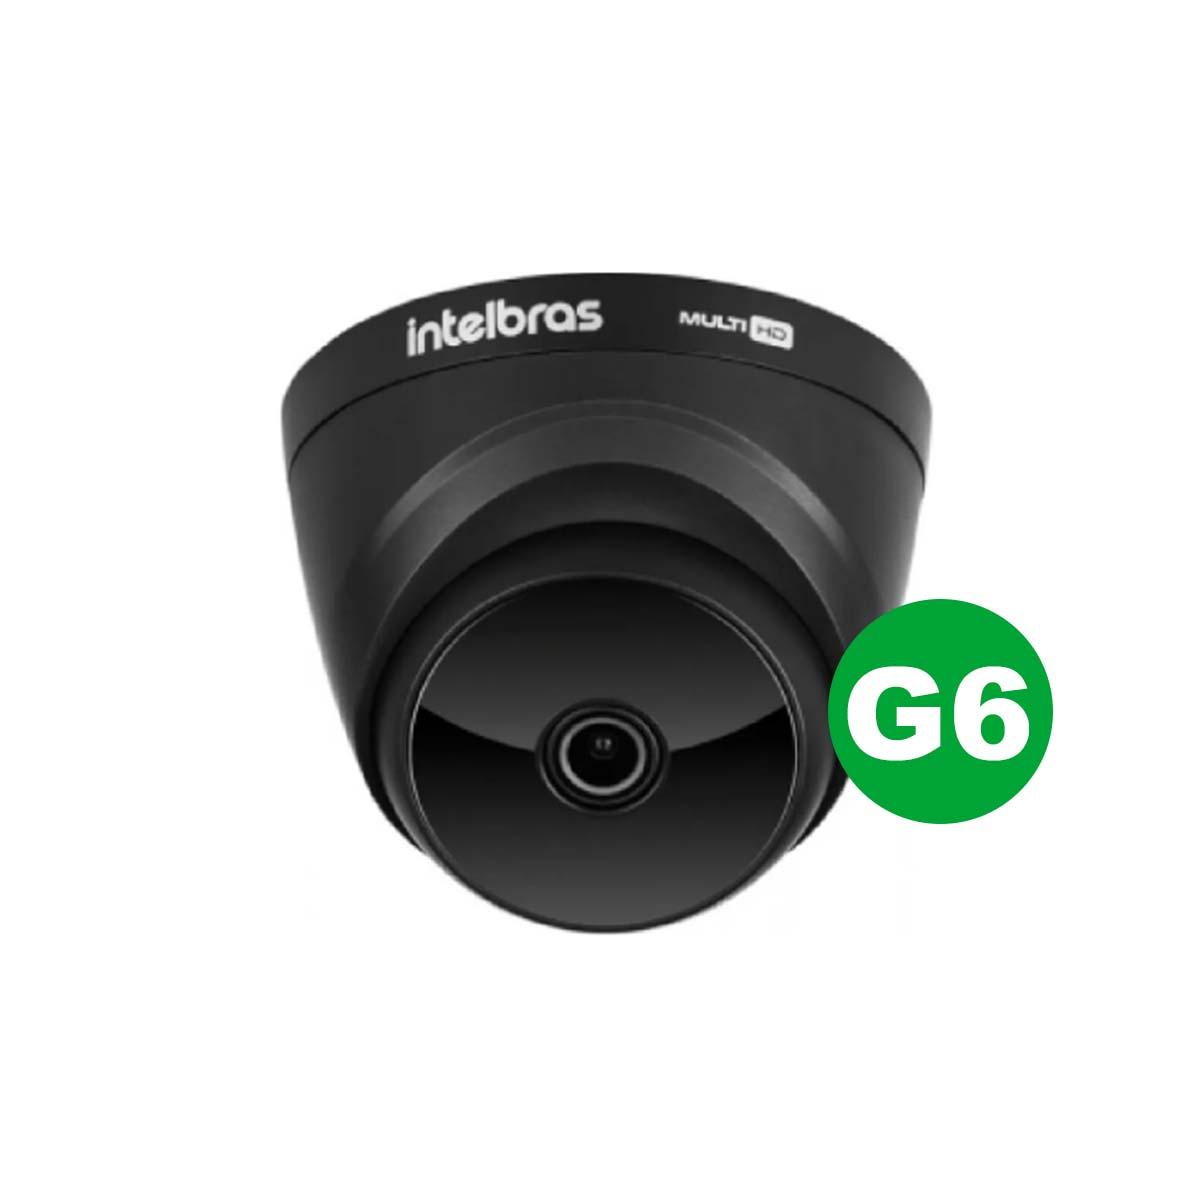 Kit CFTV 16 Câmeras VHD 1220 D Black G6 + MHDX 1116 S/HD + Acessórios